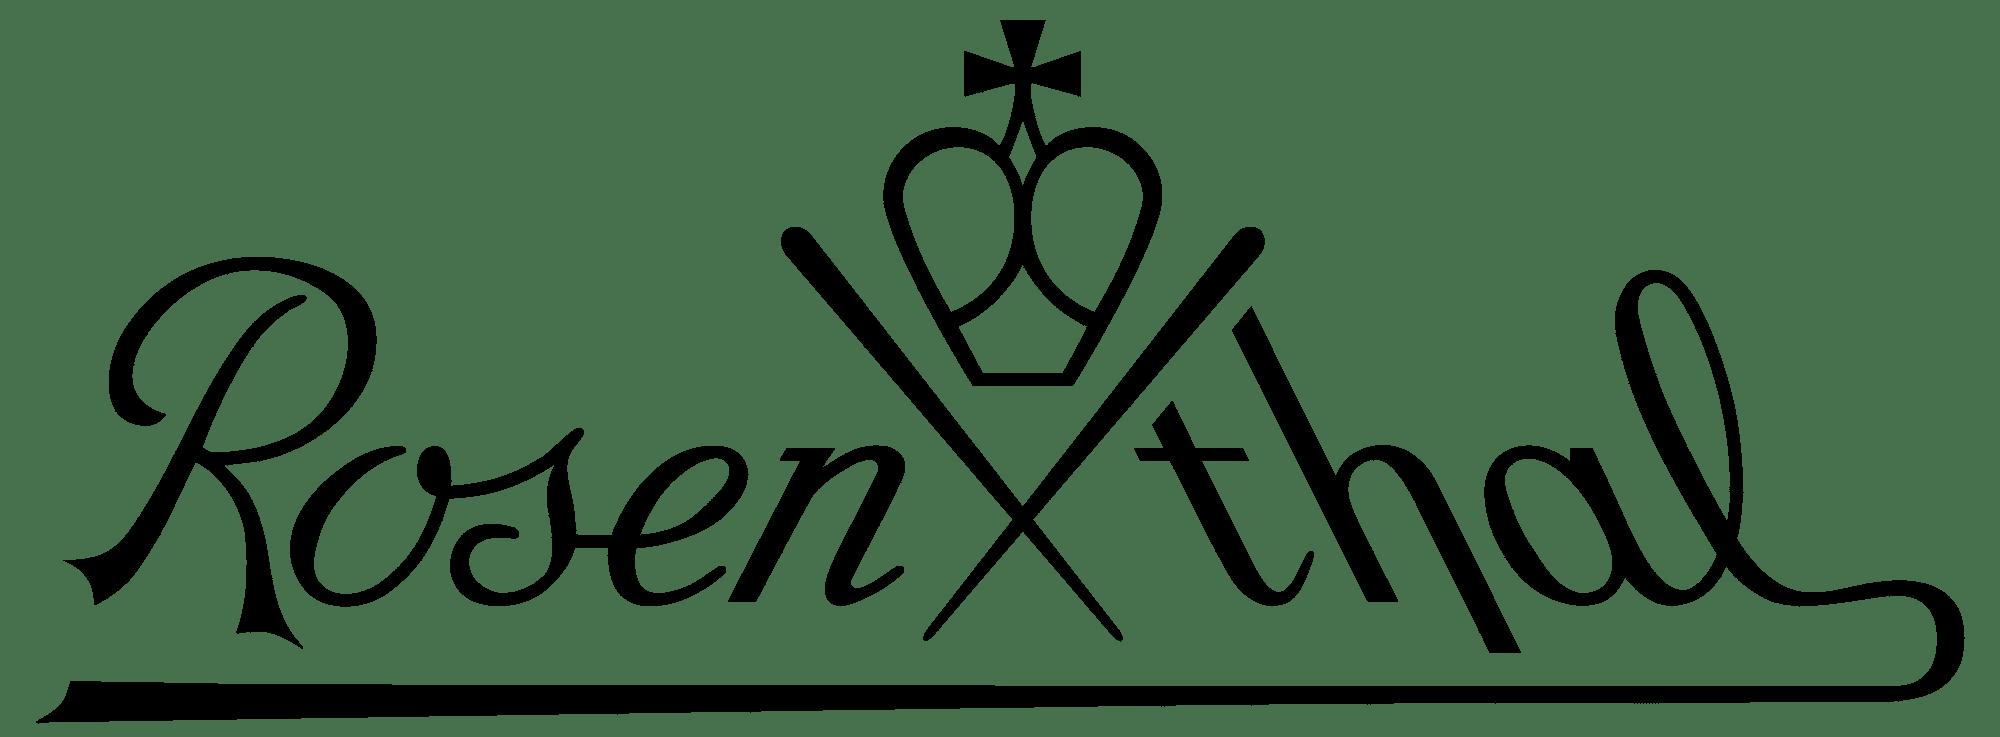 ארגל, רוזנטל לוגו, rosenthal